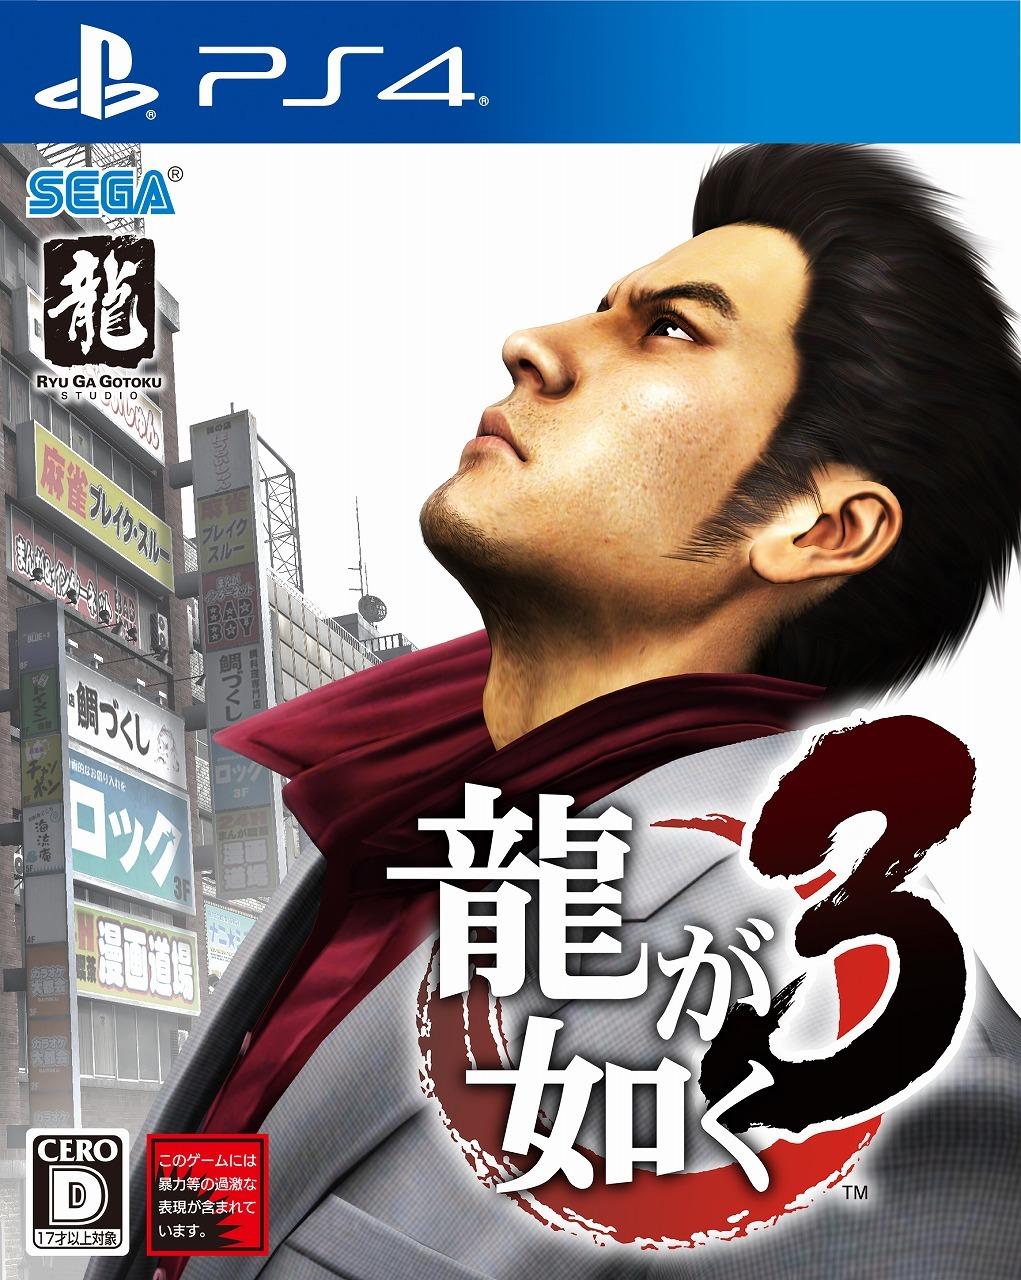 PS4版『龍が如く3』パッケージデザイン (C)SEGA